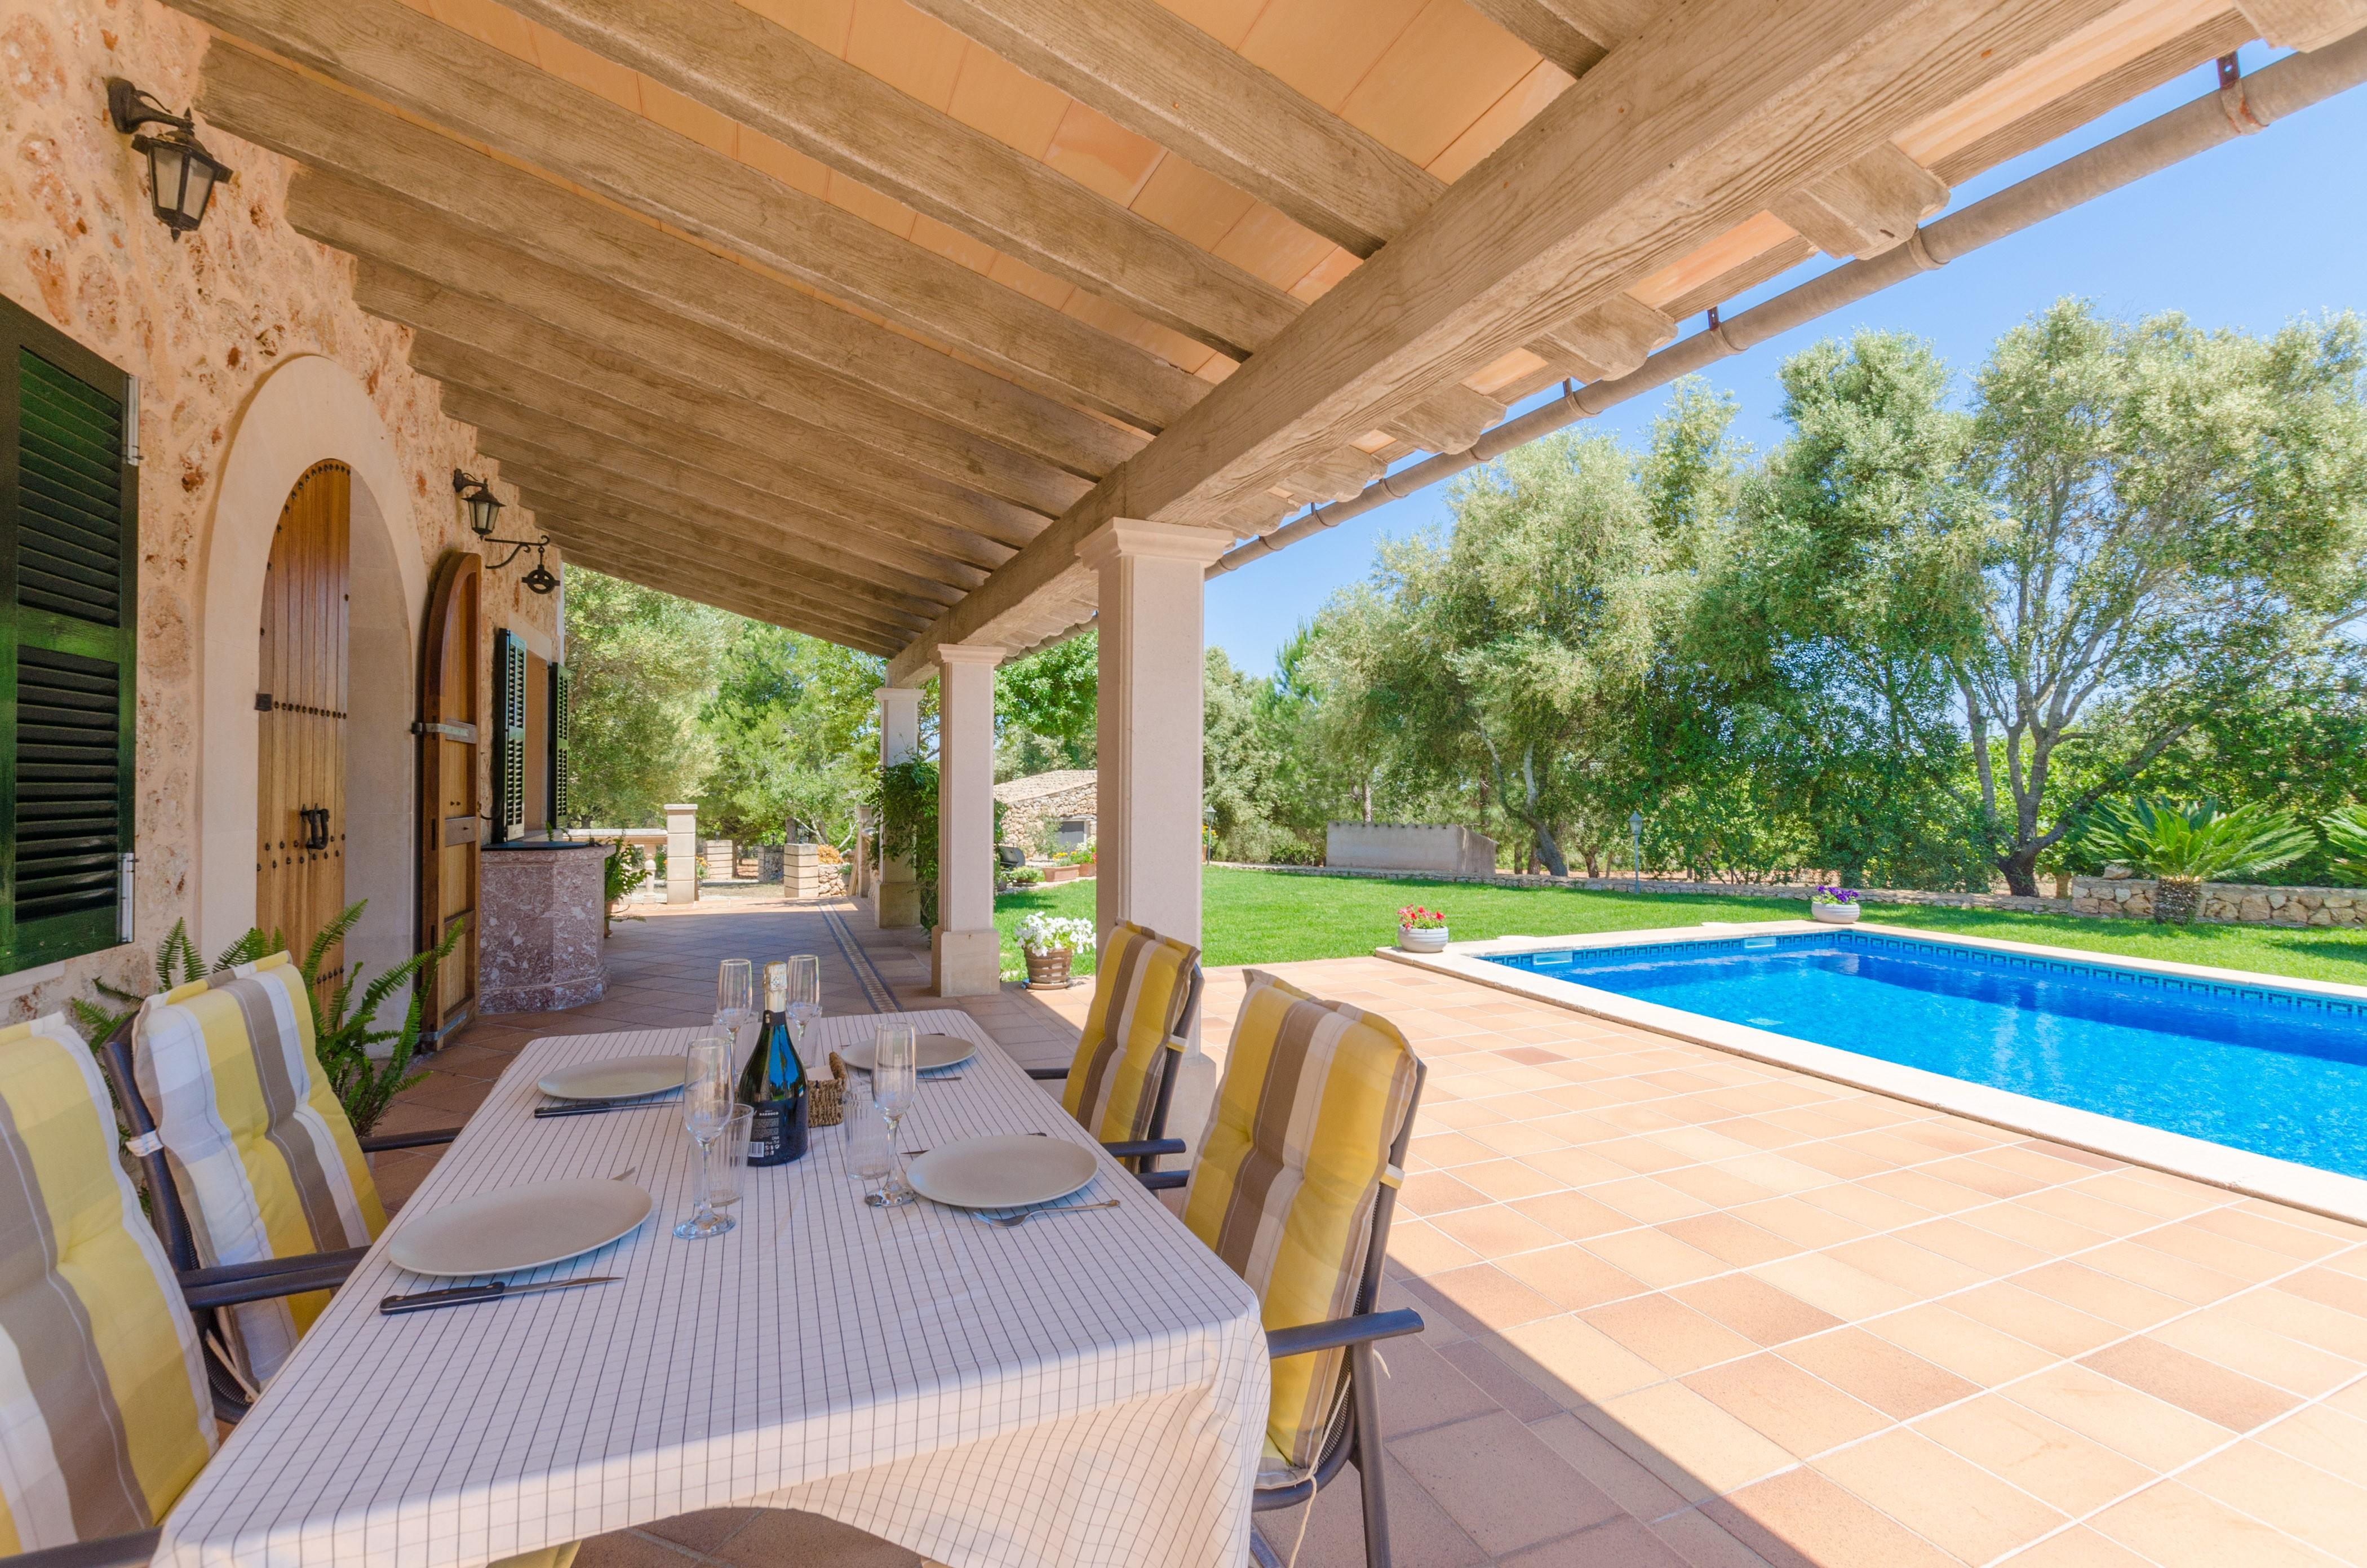 Maison de vacances ES VEDAT (2632993), Lloret de Vistalegre, Majorque, Iles Baléares, Espagne, image 11